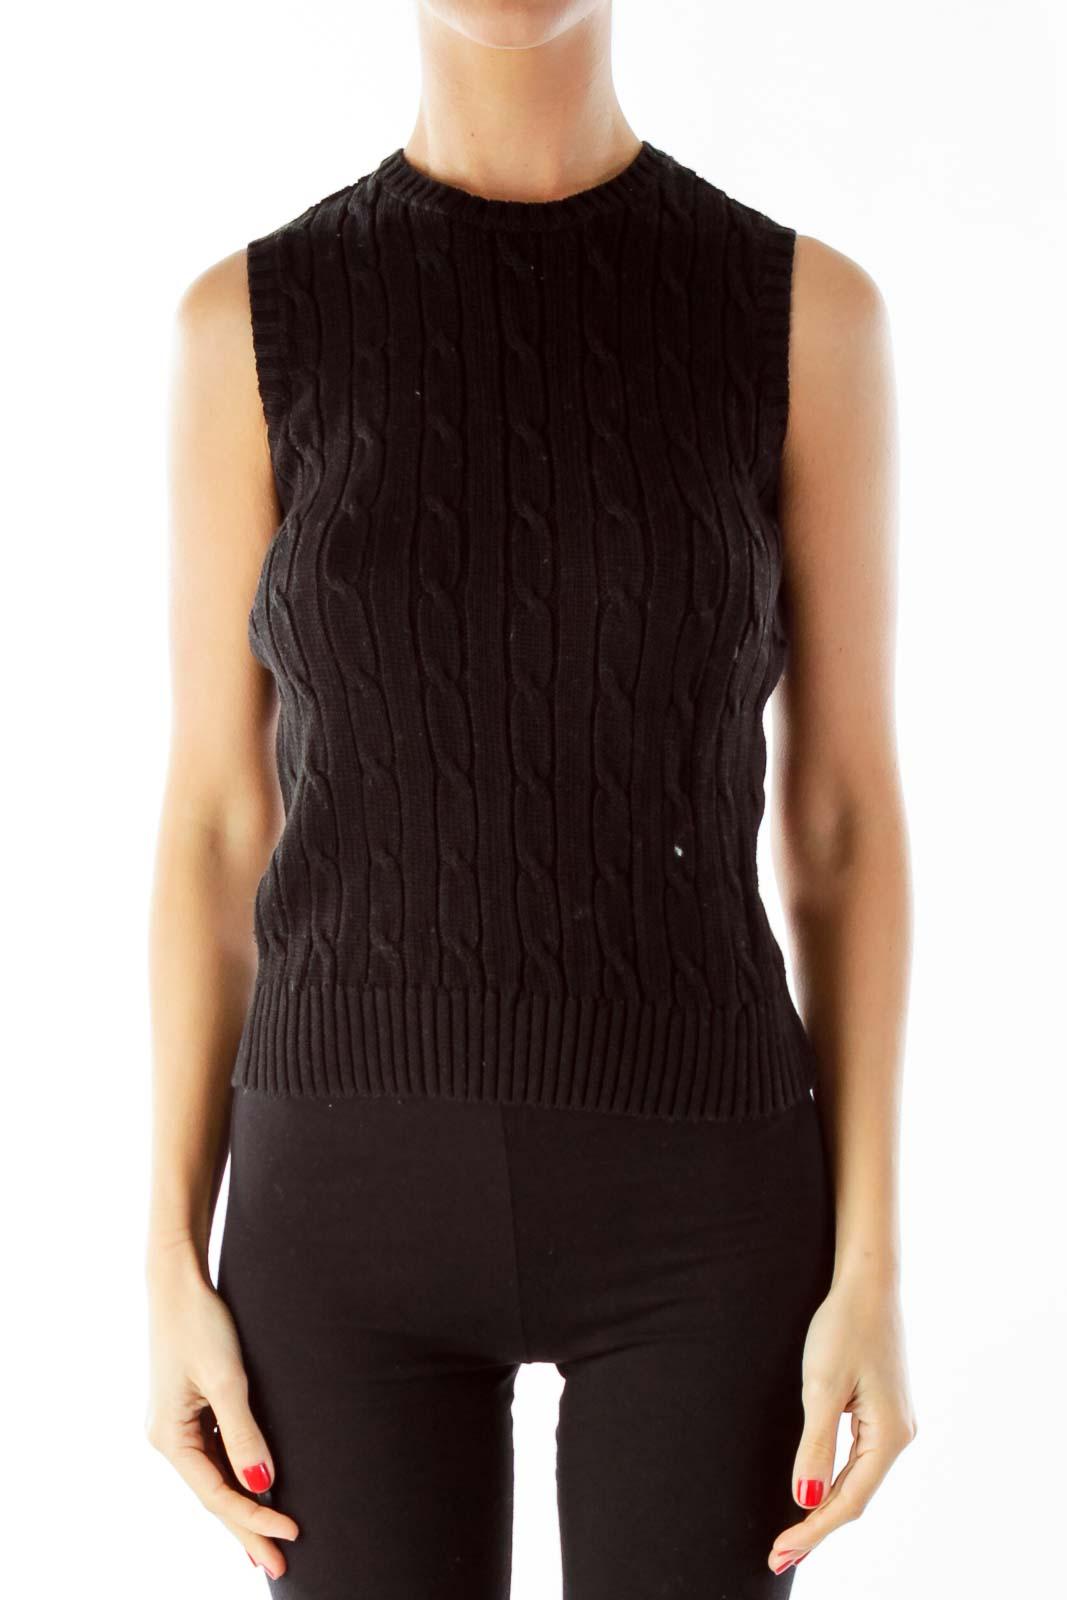 Black Cable Knit Vest